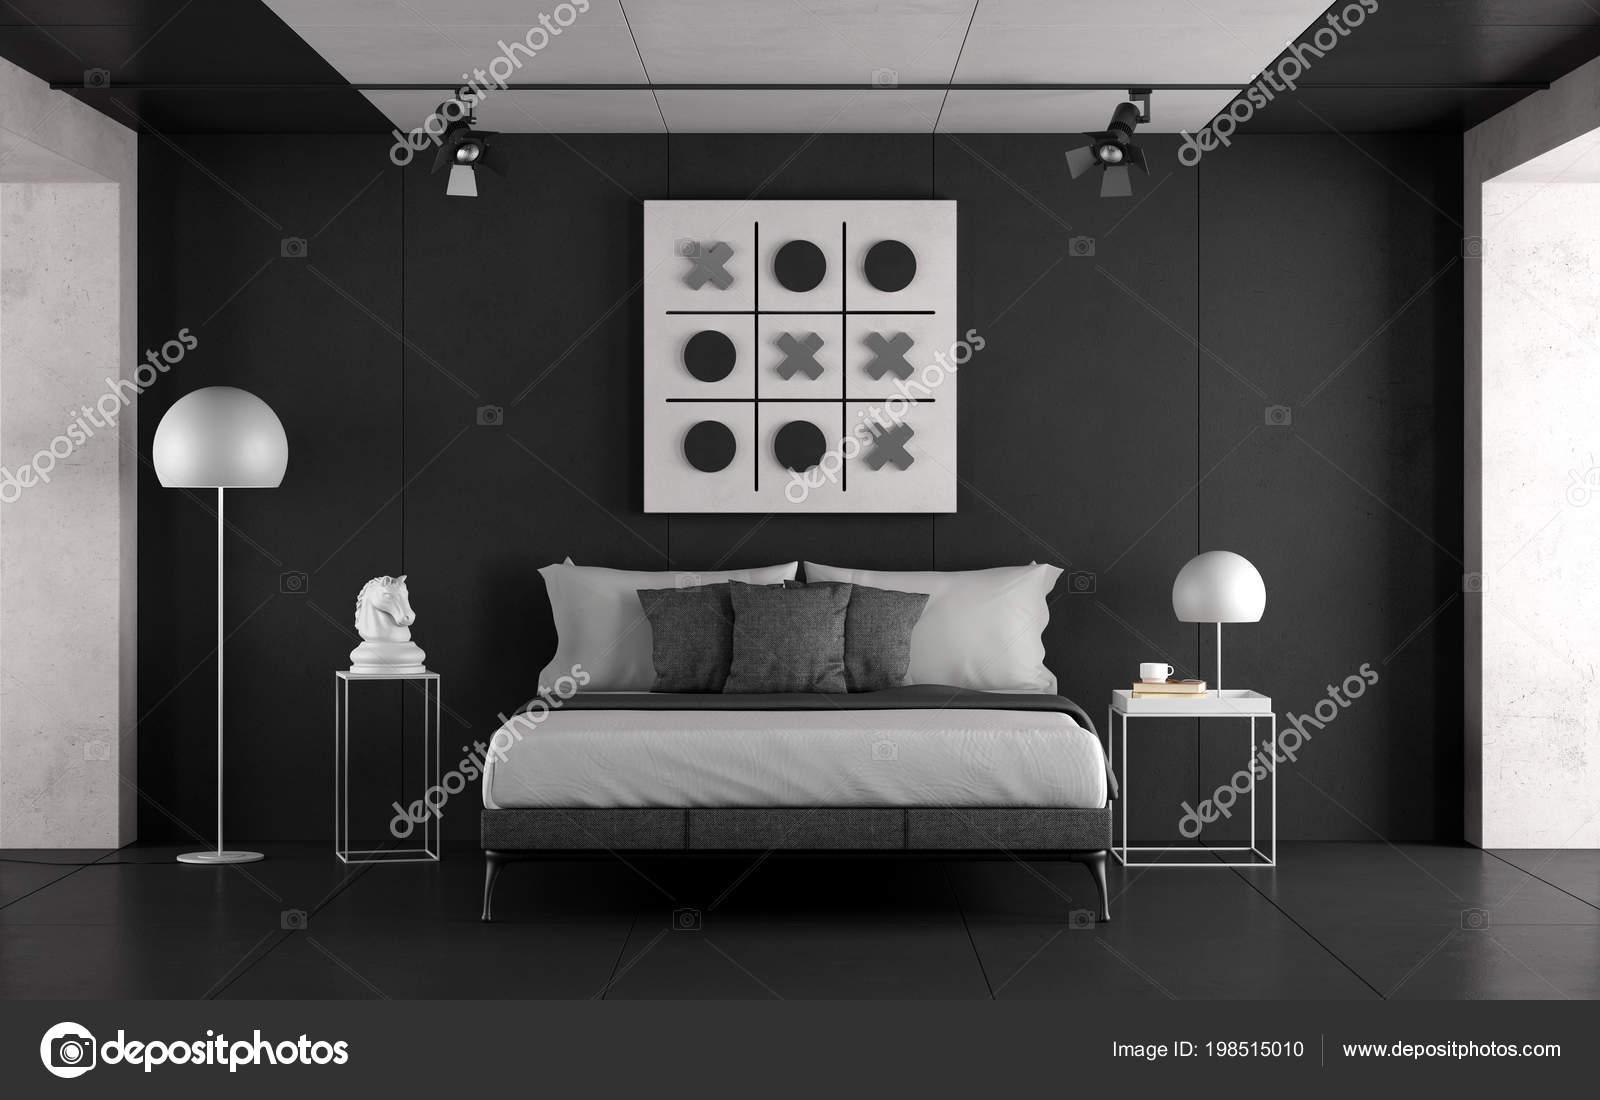 Arredamento Minimalista Camera Da Letto : Bianco nero master camera letto con arredi minimalisti pareti